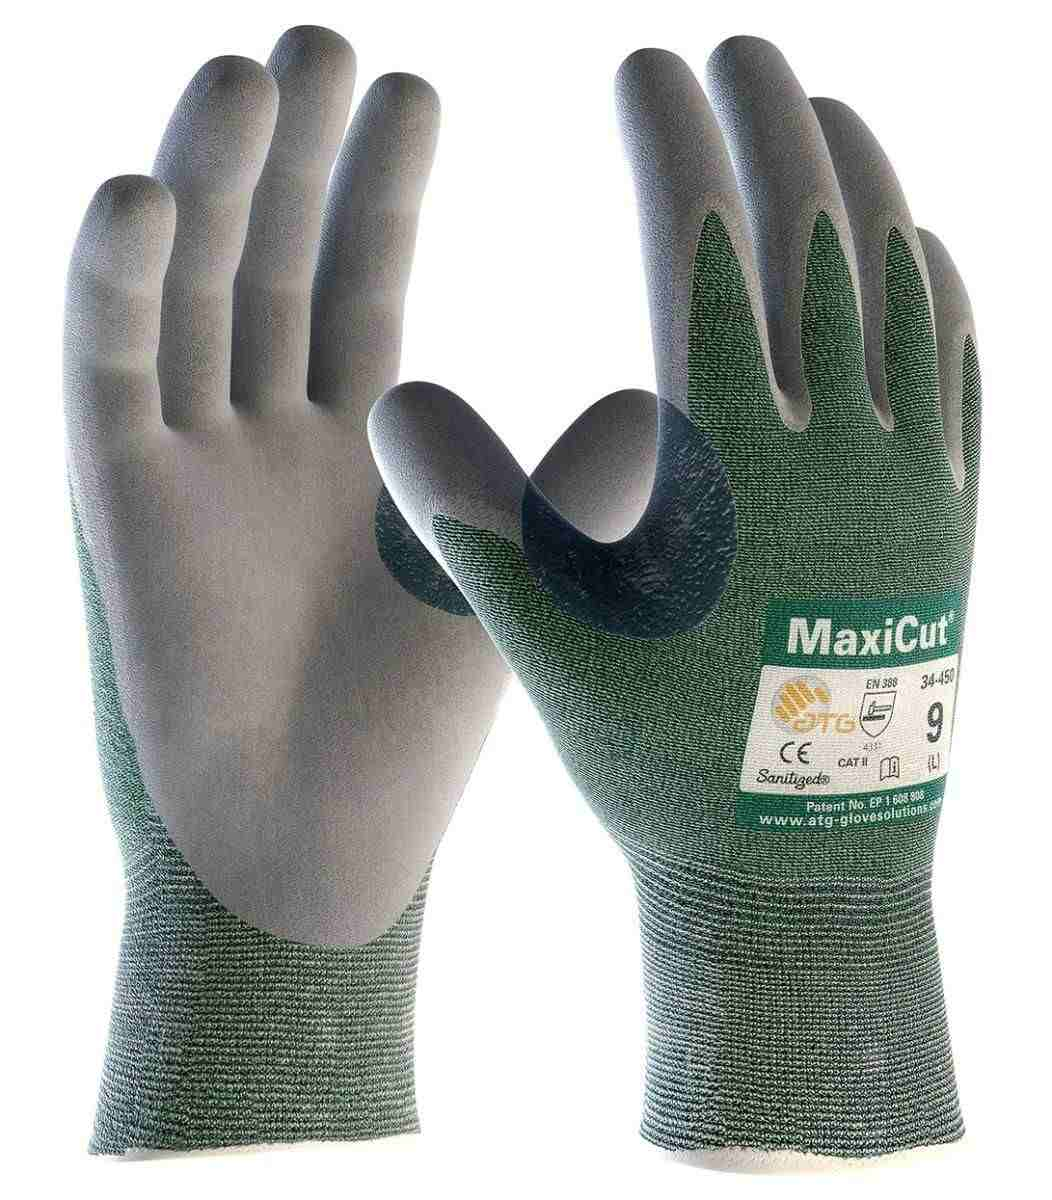 Pip Maxicut 18 570 Micro Foam Nitrile Coated Cut Resistant